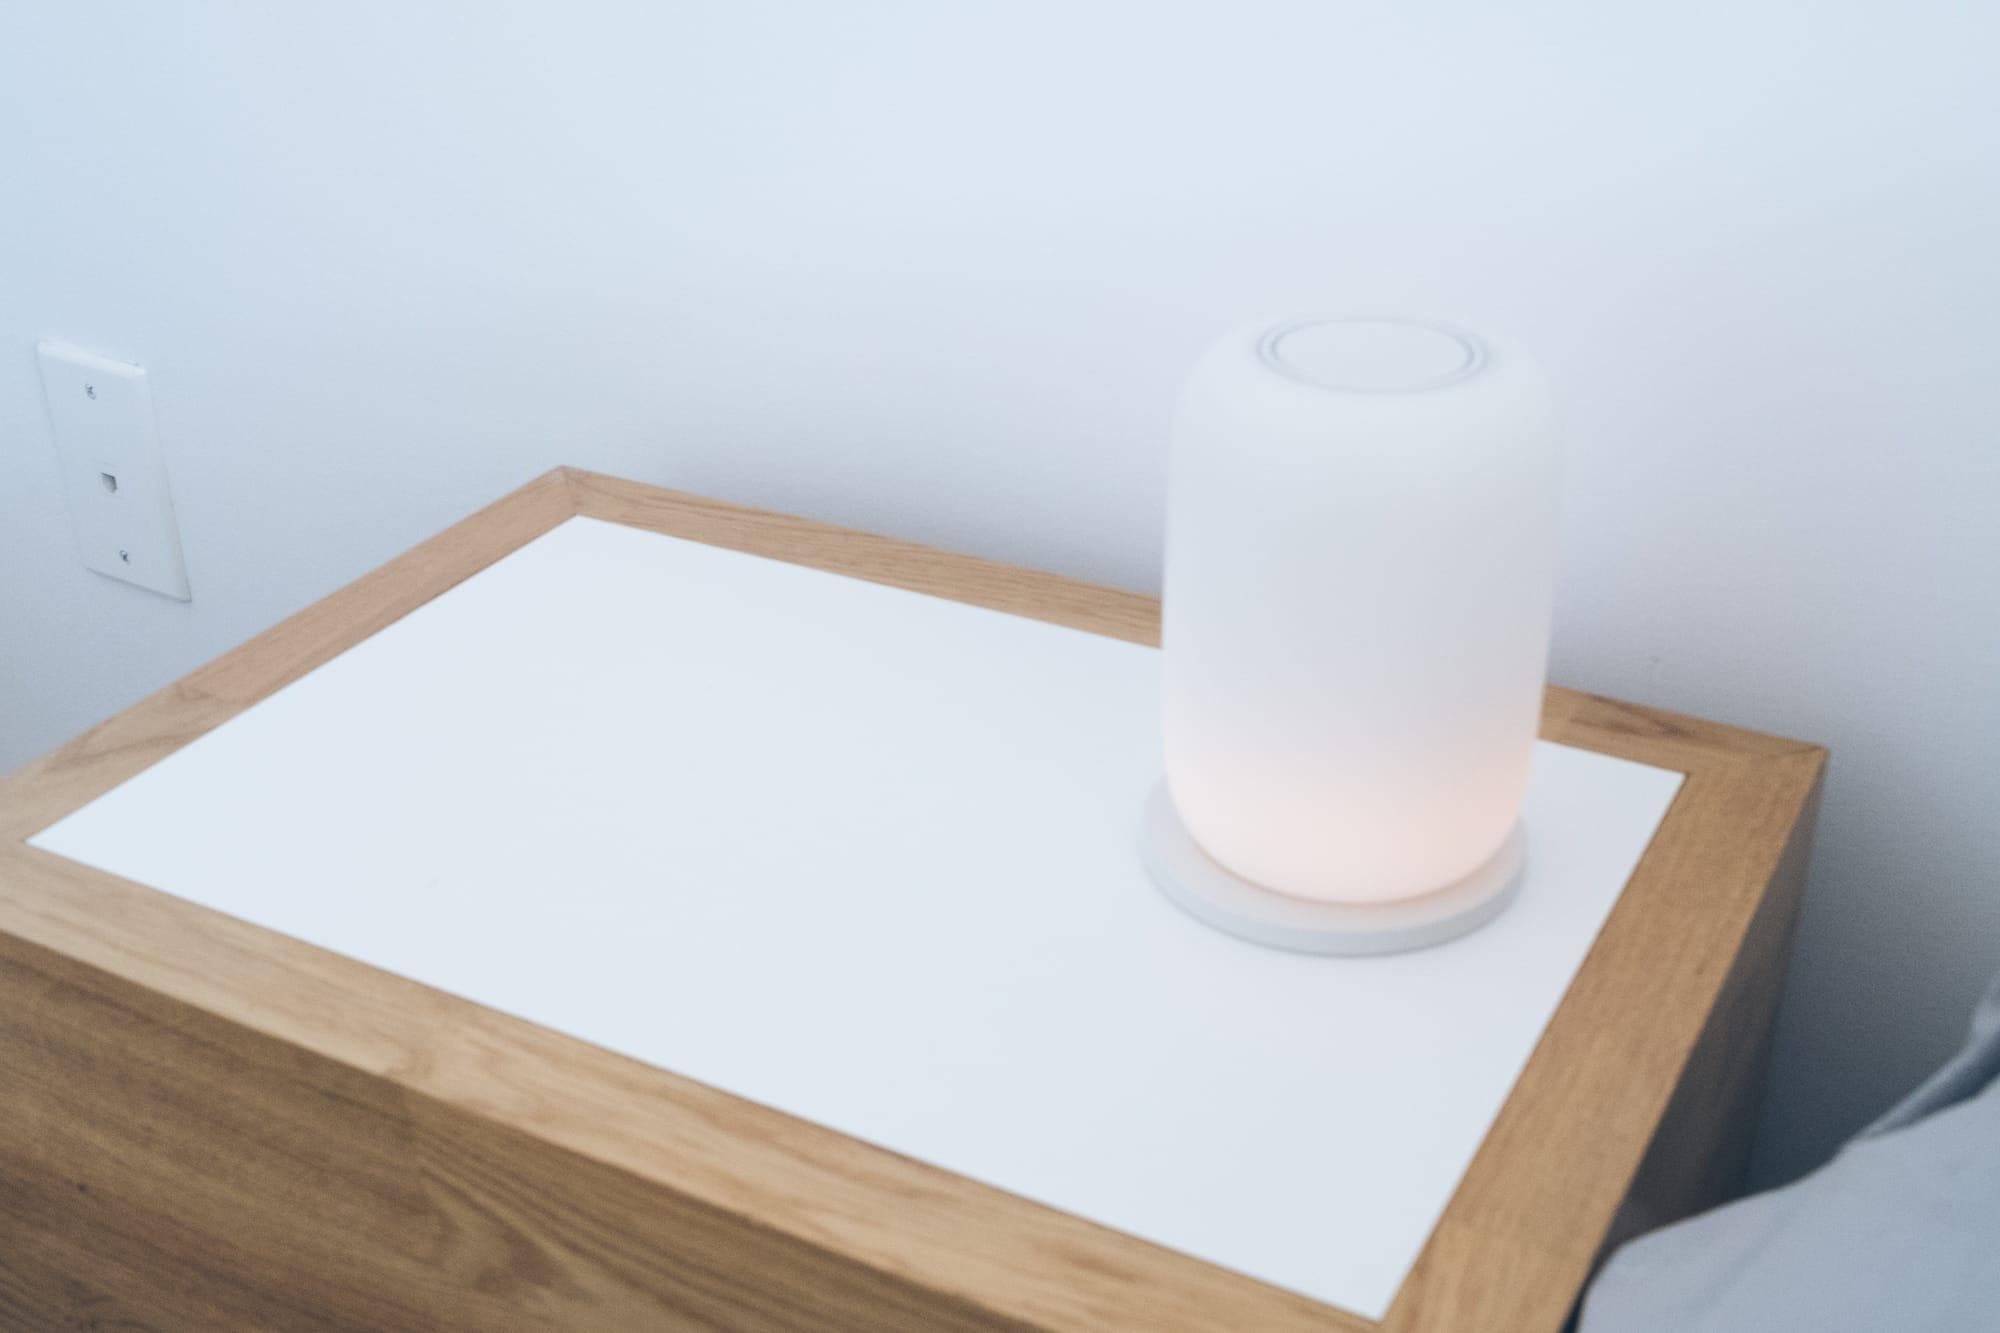 Casper glow lamp sitting on bedside table